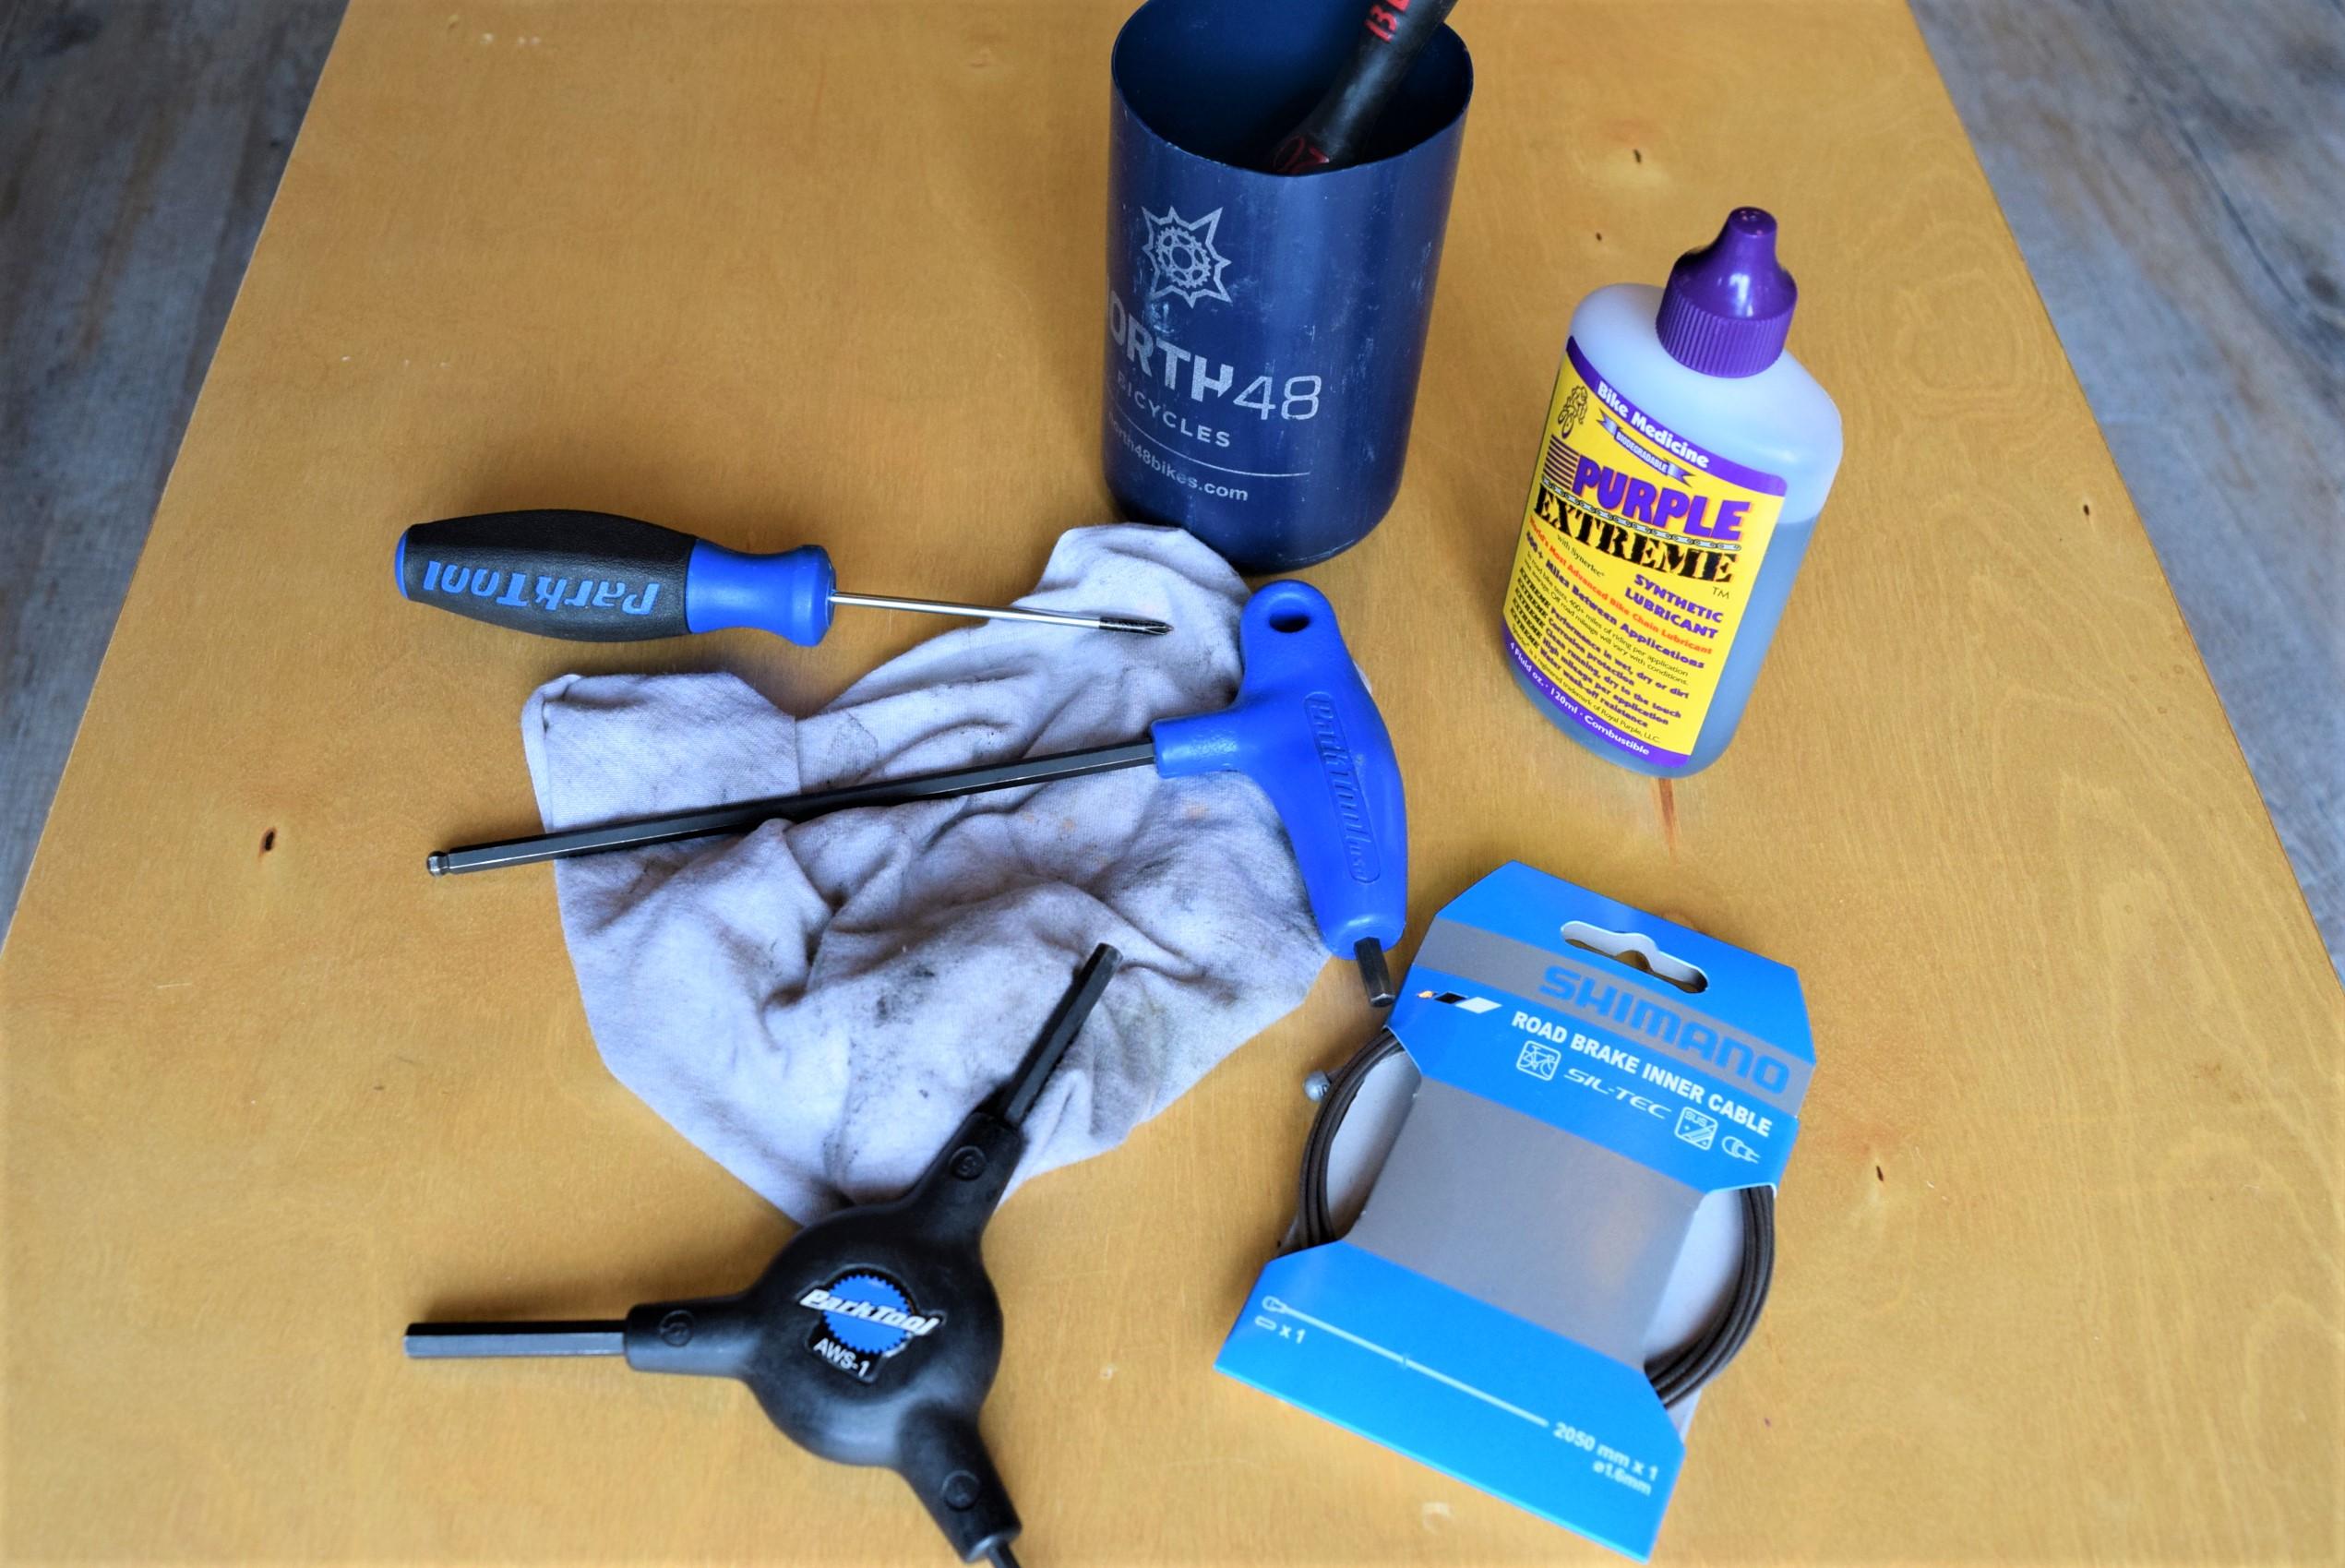 Repair_tools